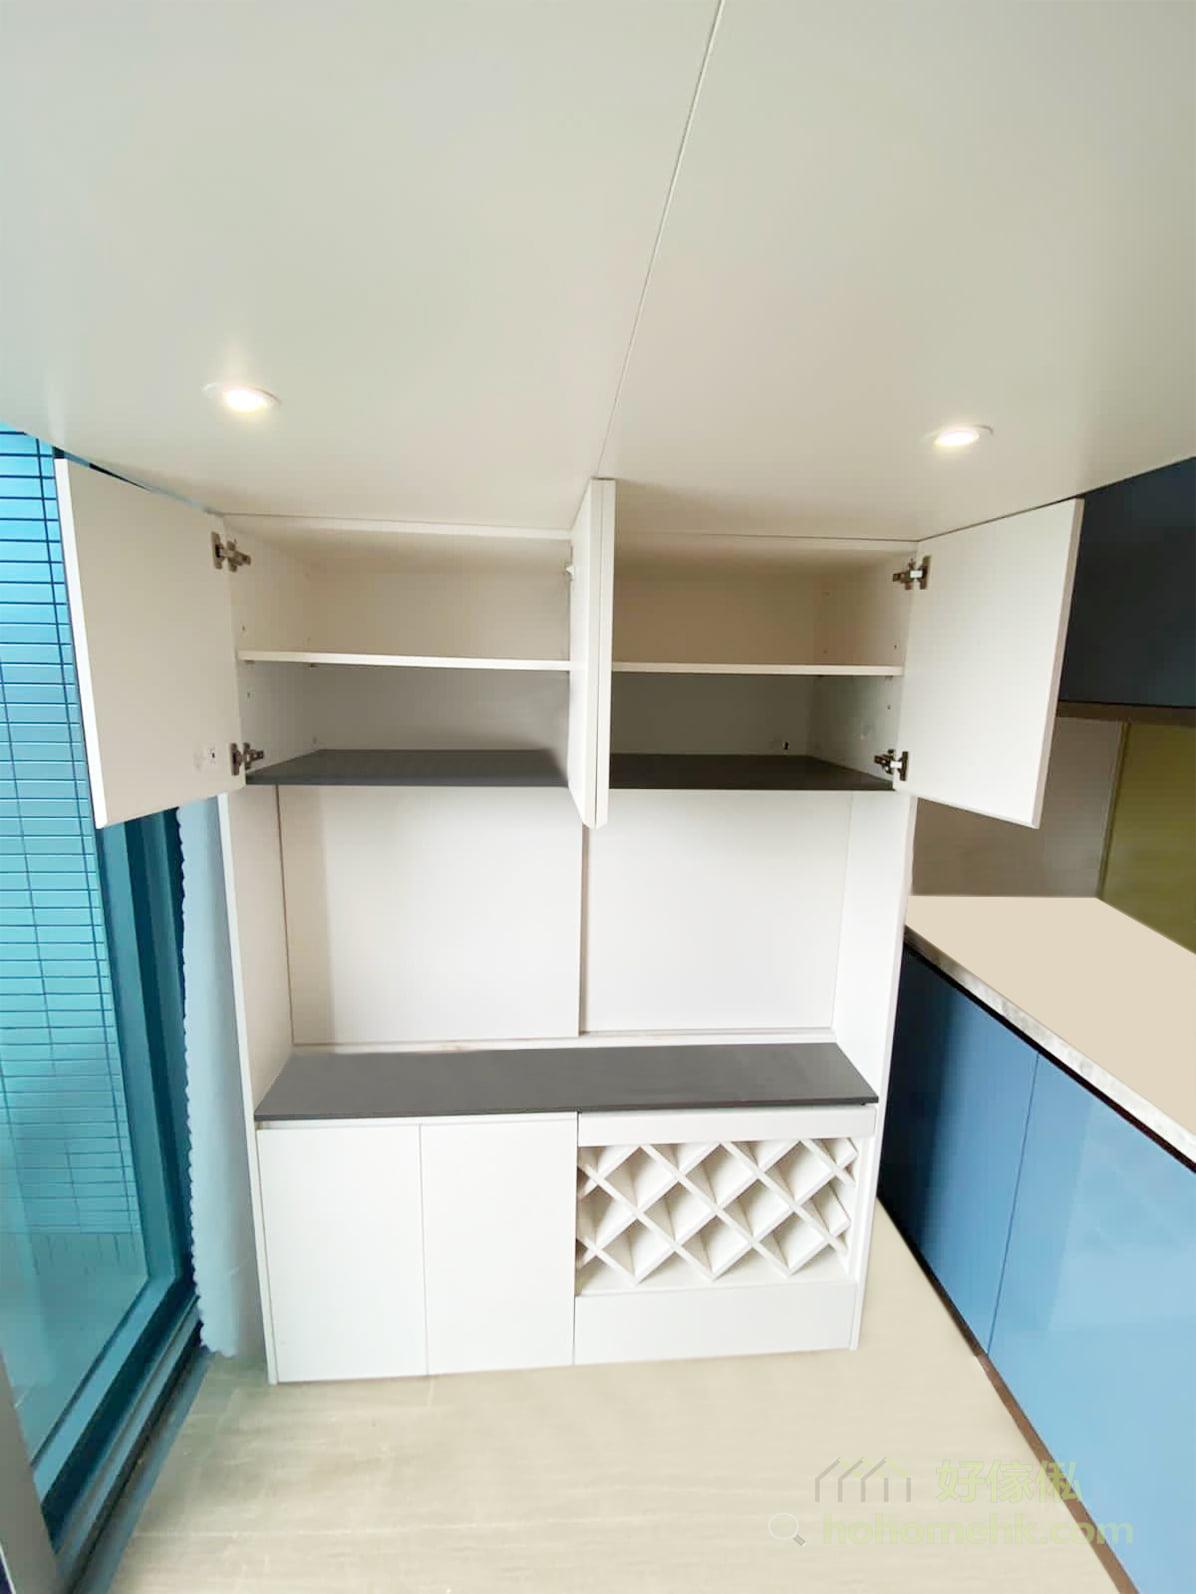 為了用盡空間來收納,可考慮將擺放電視的中空位置分成前後兩半,後半的趟門櫃照樣可以儲物,而前半部份就可以放置電視機